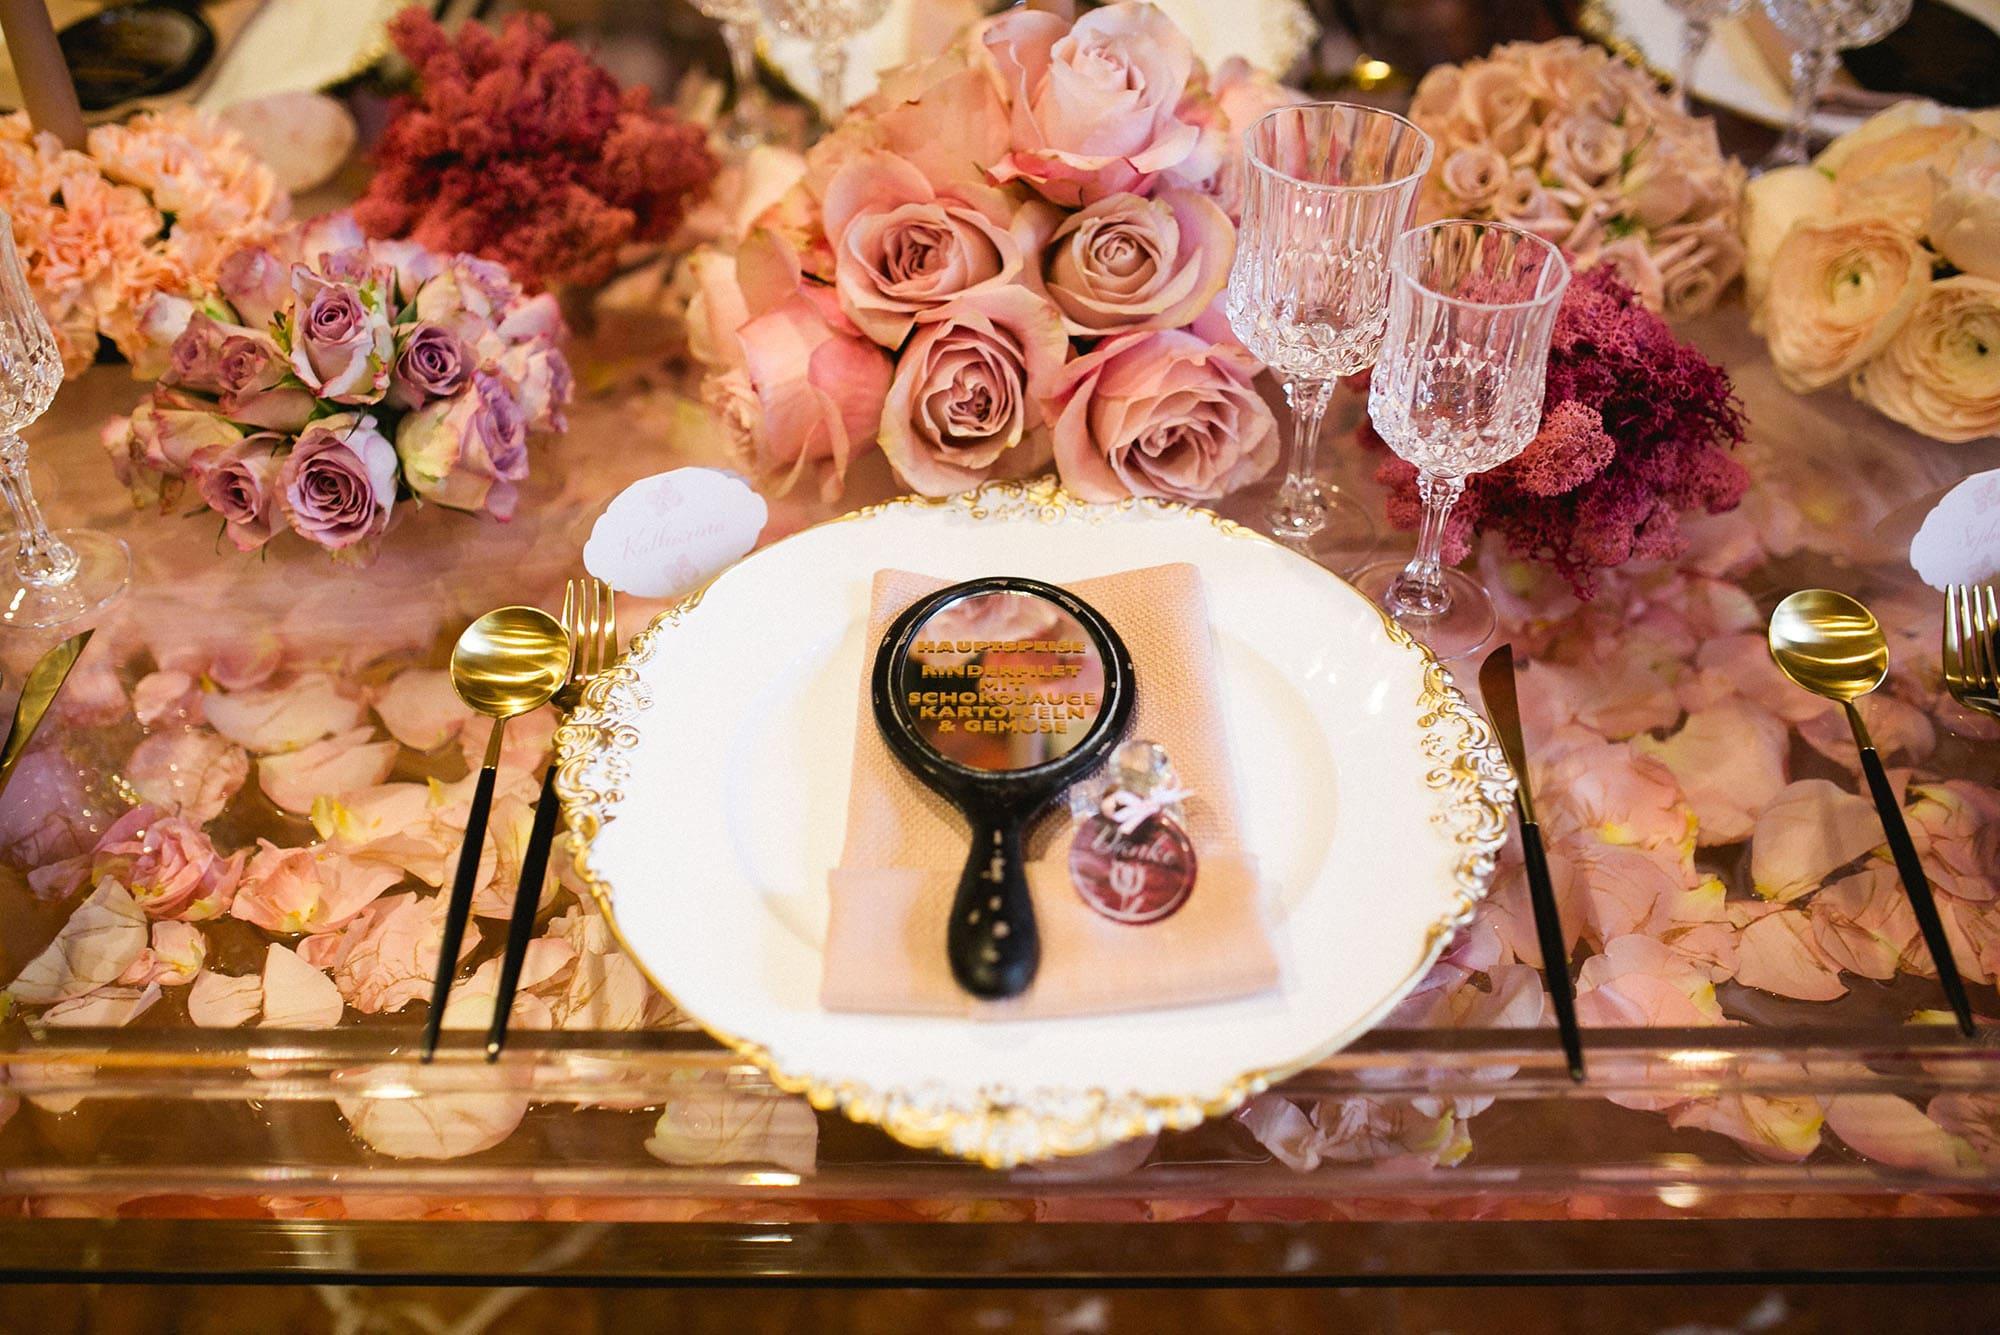 Teller mit Besteck und Gläsern dekoriert mit Rosen und Handspiegel